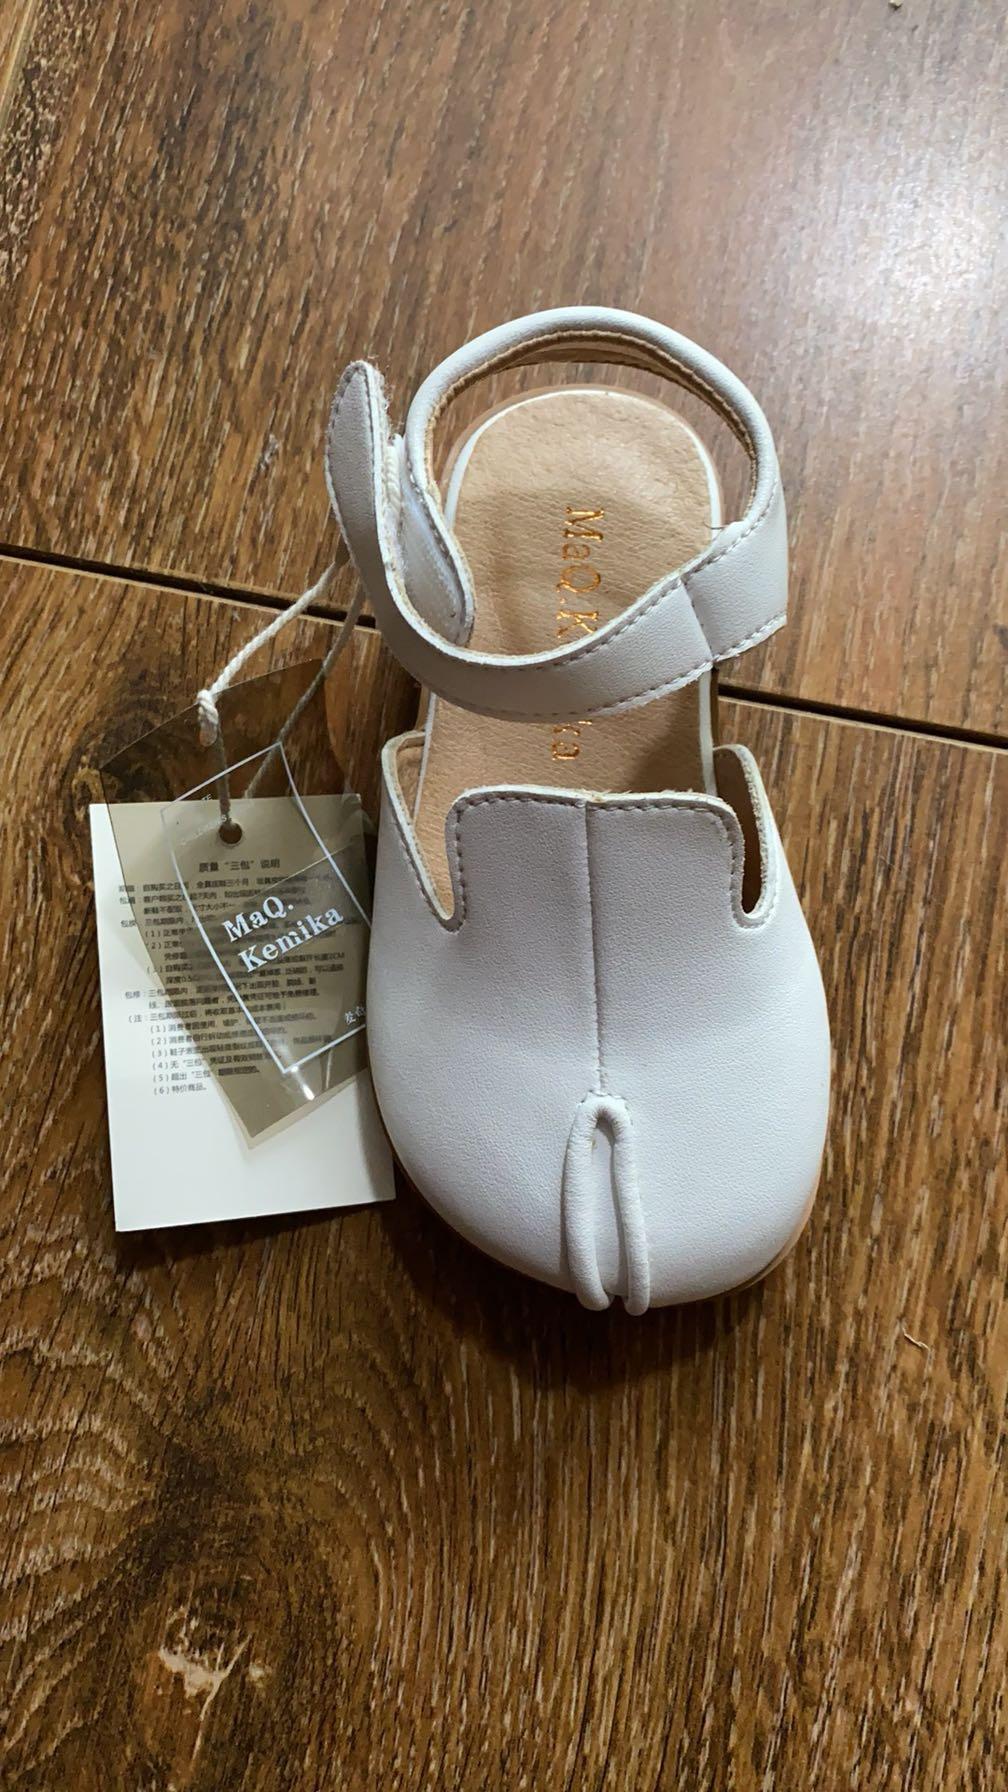 麦奇可米卡 韩国手工童鞋 凉鞋 全皮 品质超高的舒服又好看 现货